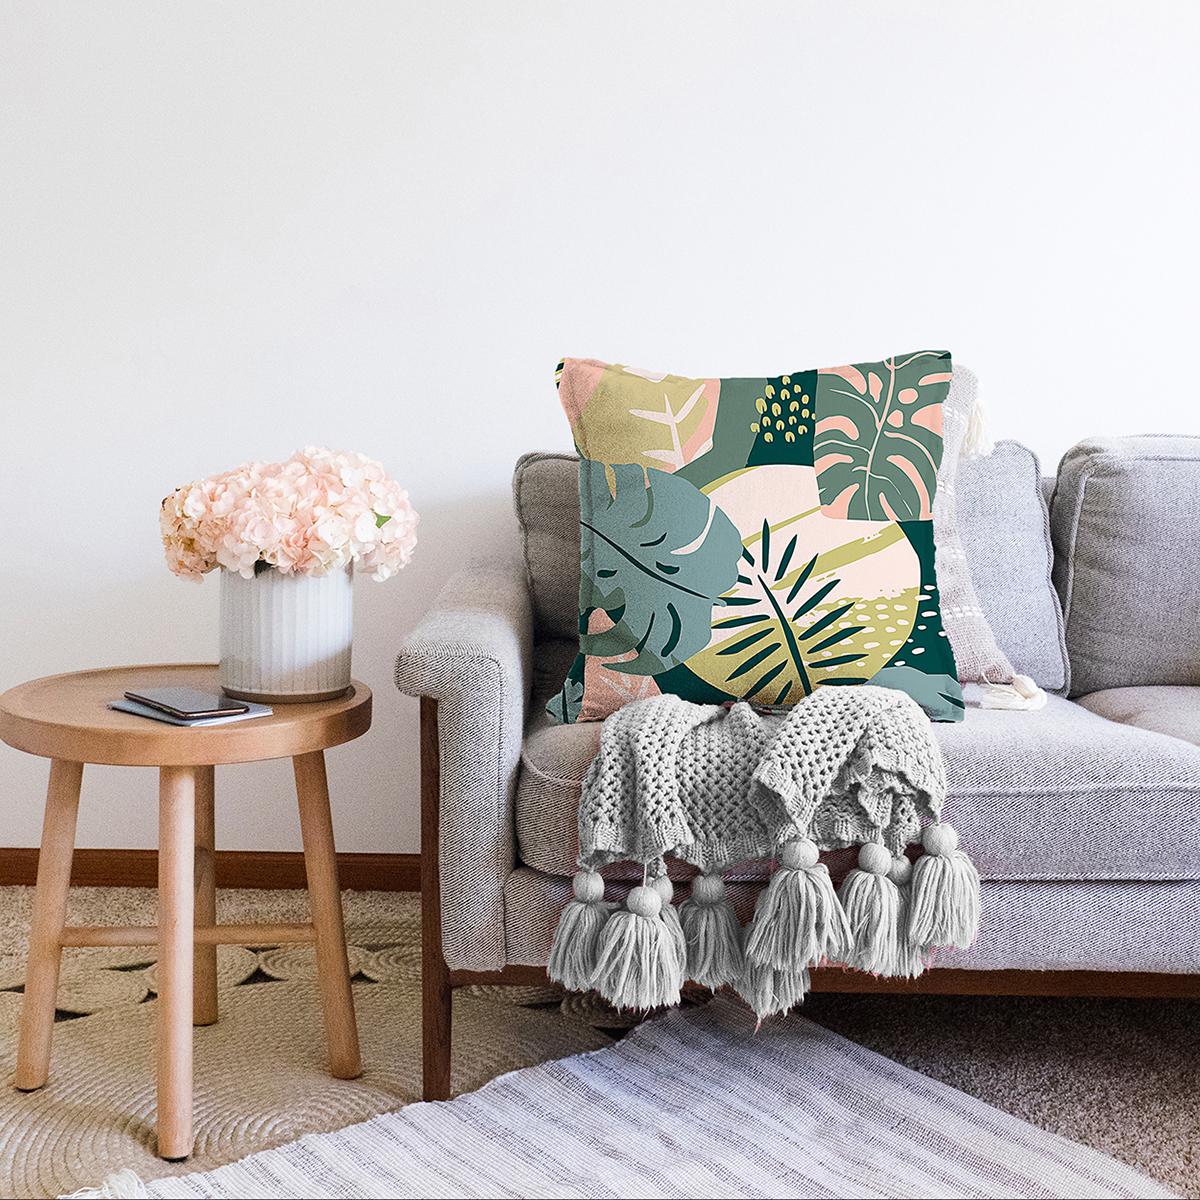 Çift Taraflı Renkli Zemin Üzerinde Soyut Çizimli Yaprak Motifli Modern Şönil Yastık Kırlent Kılıfı Realhomes